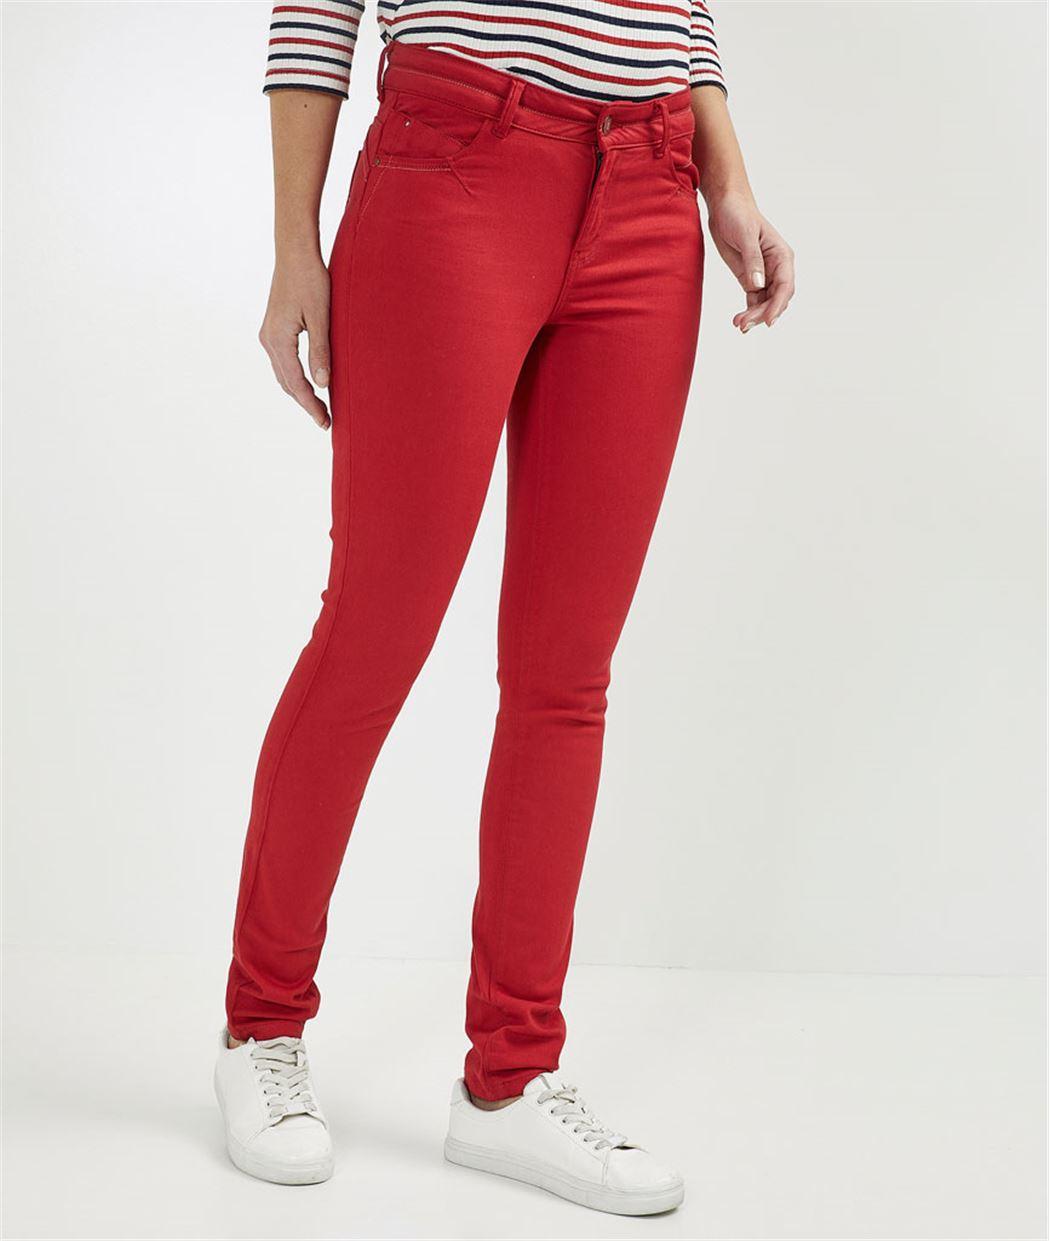 Pantalon femme slim push up couleur ROUGE